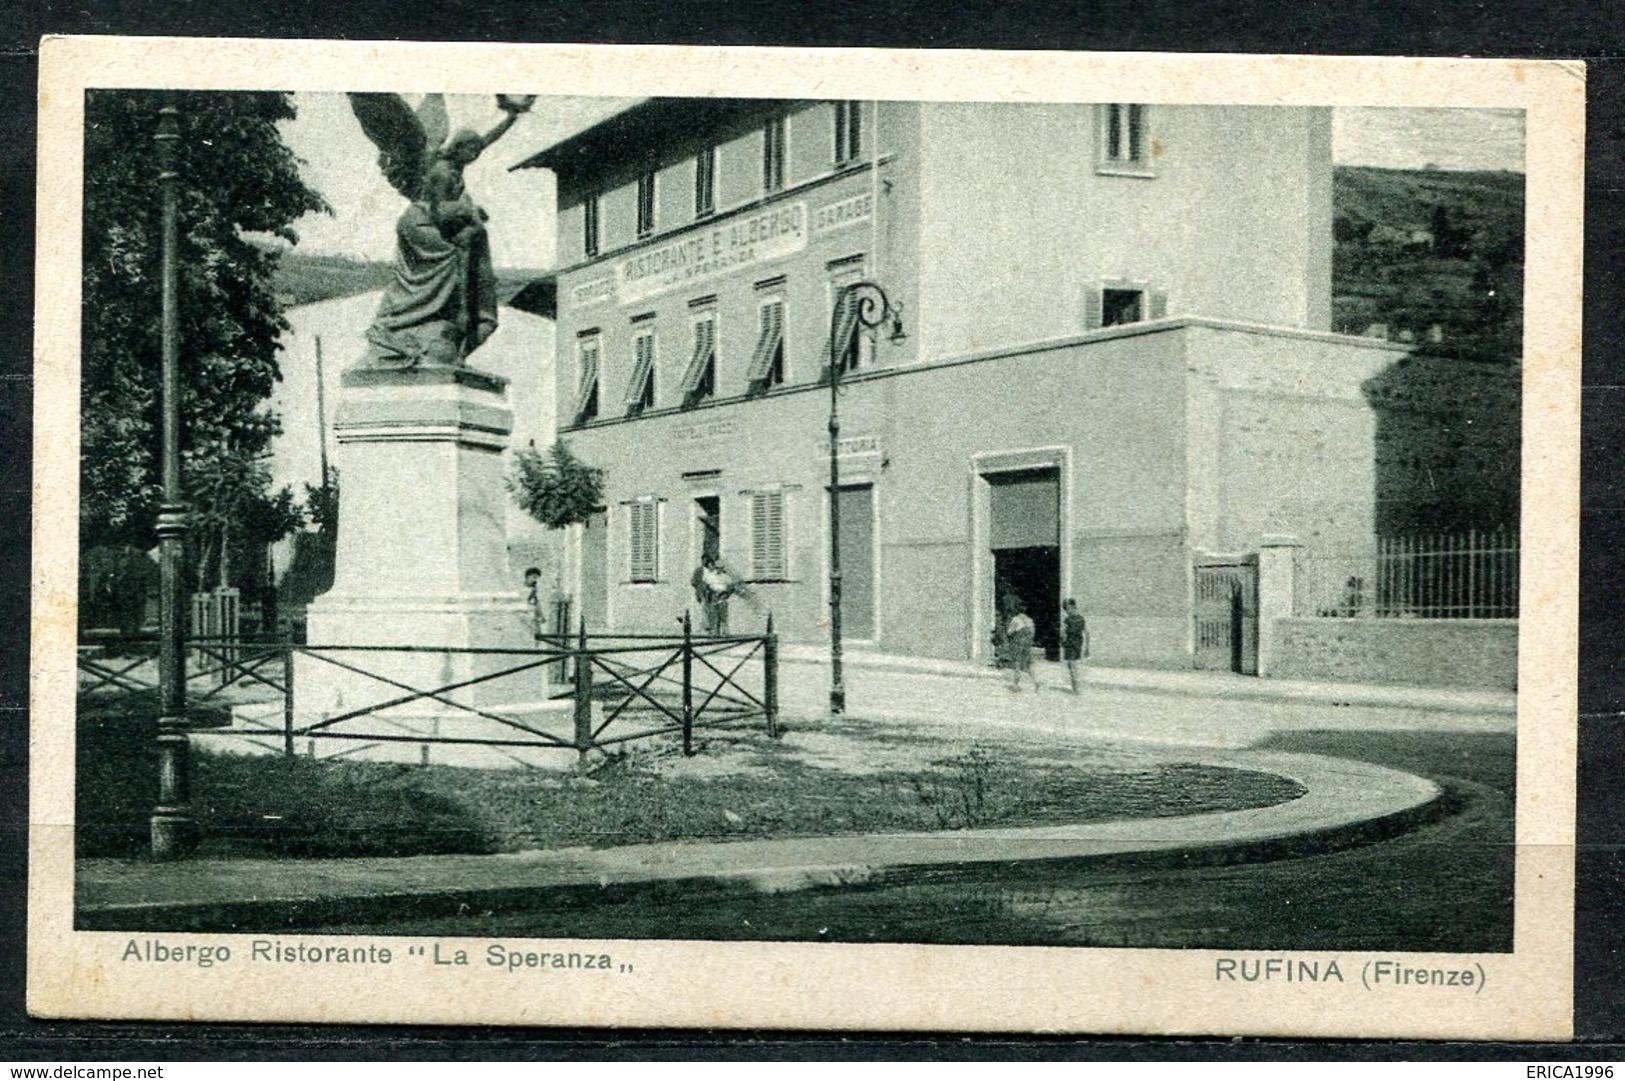 CARTOLINA - CV2664 RUFINA (Firenze FI) Albergo Ristorante La Speranza, FP,  Viaggiata 1932 Per Lodi, Affrancata Con 30 C - Firenze